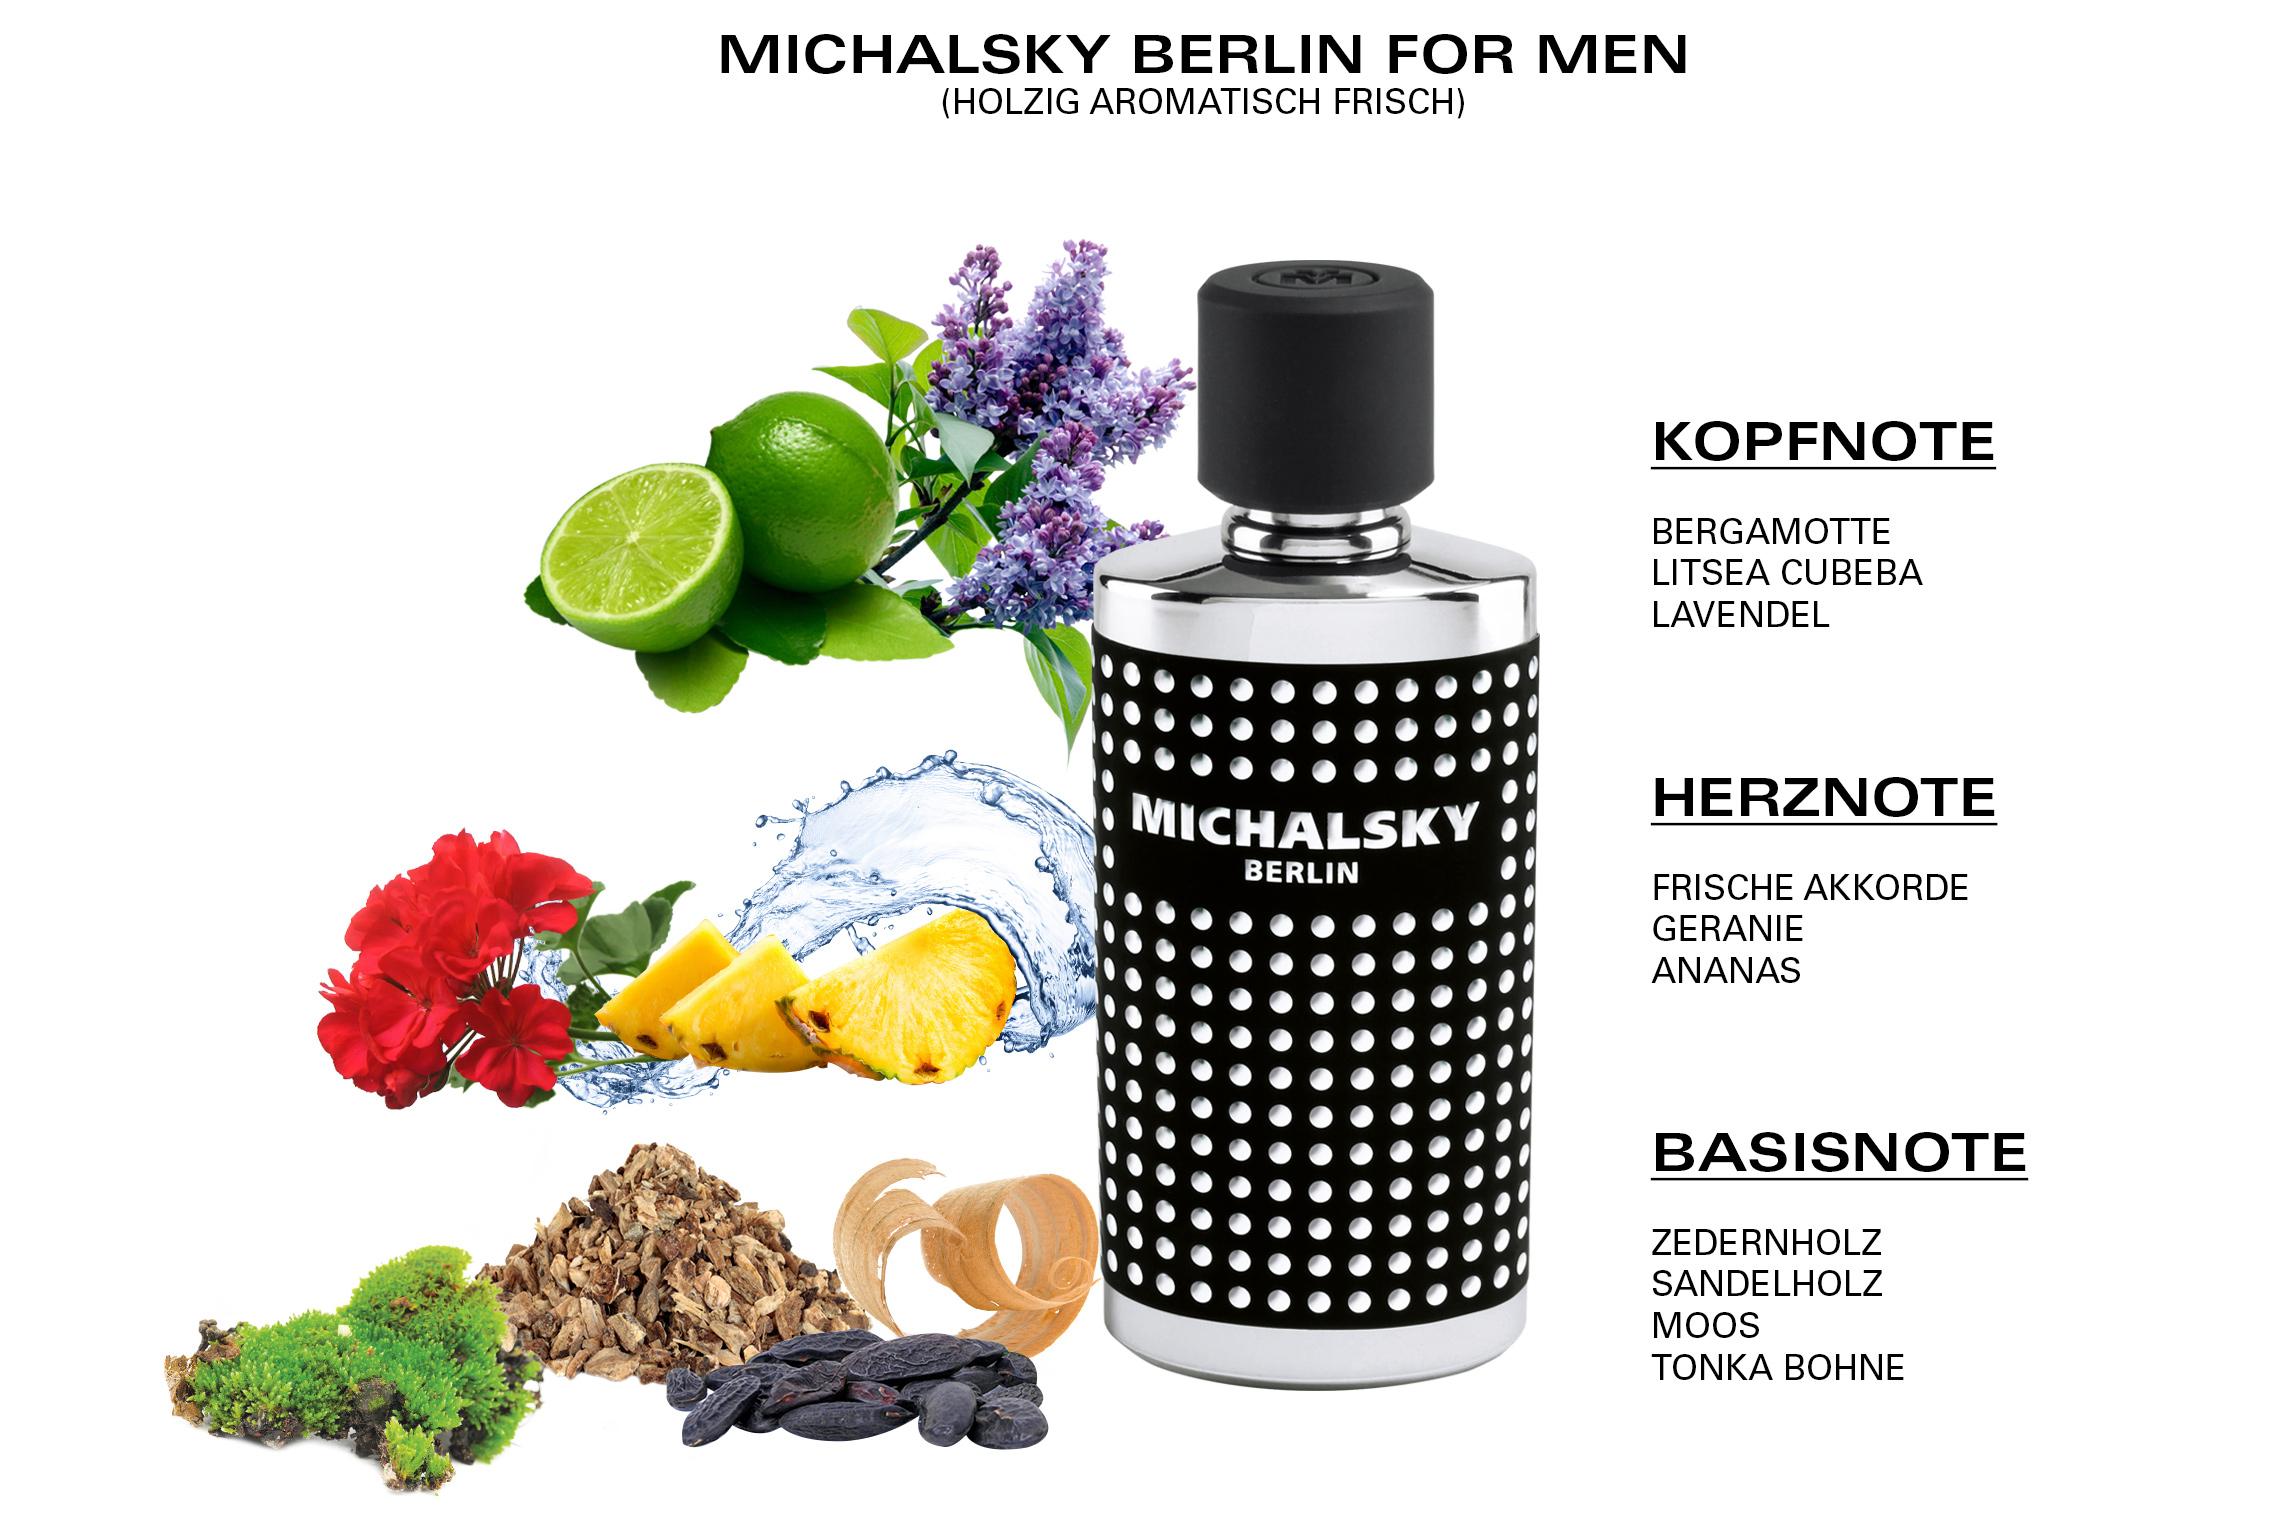 MICHALSKY_BERLIN_Duftpyramide_for_Men_3-2.jpg